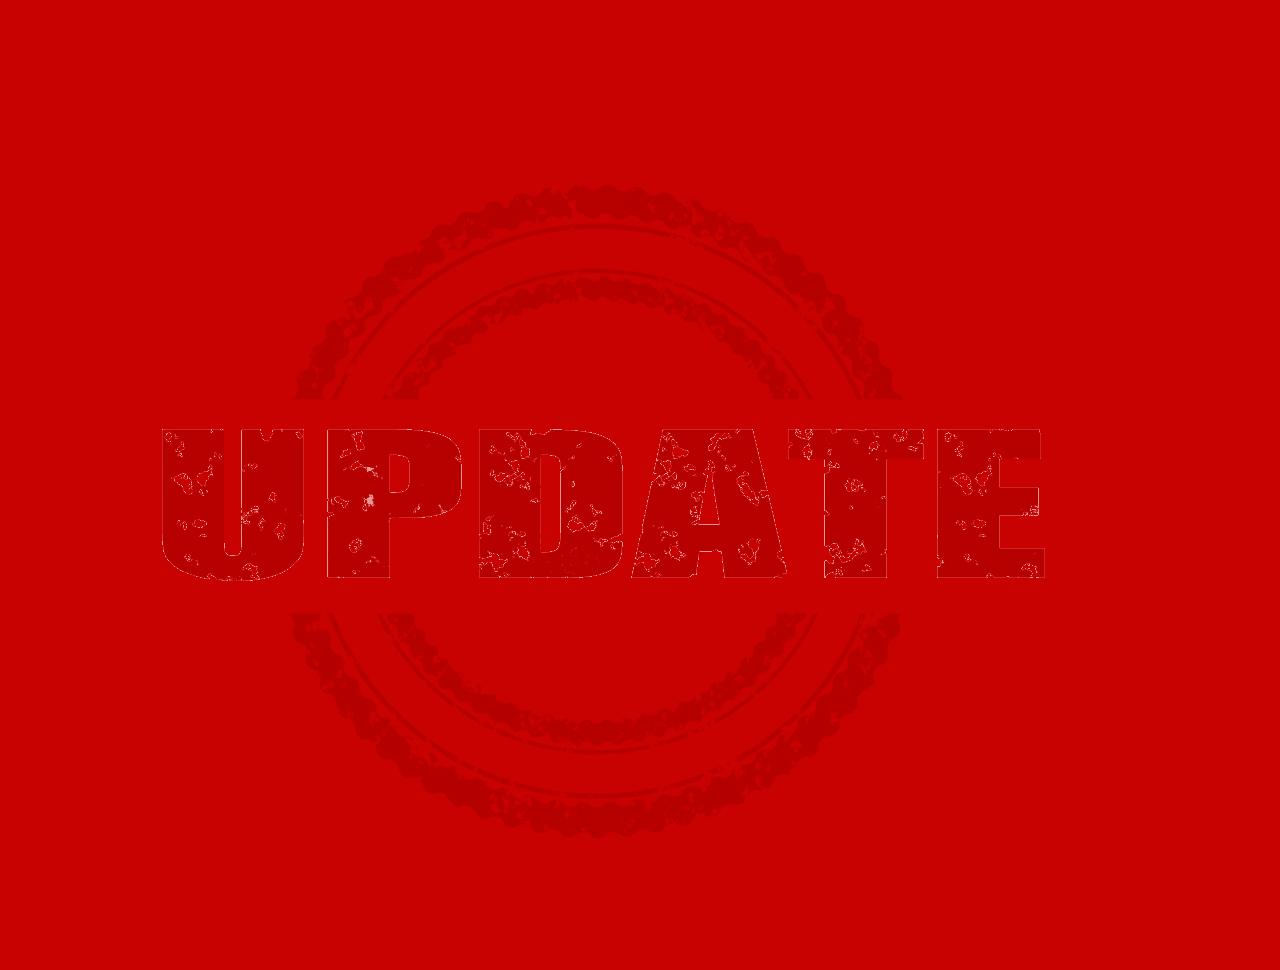 Termin-Update: Erste-Hilfe-Kurs am 07.09.2019 1